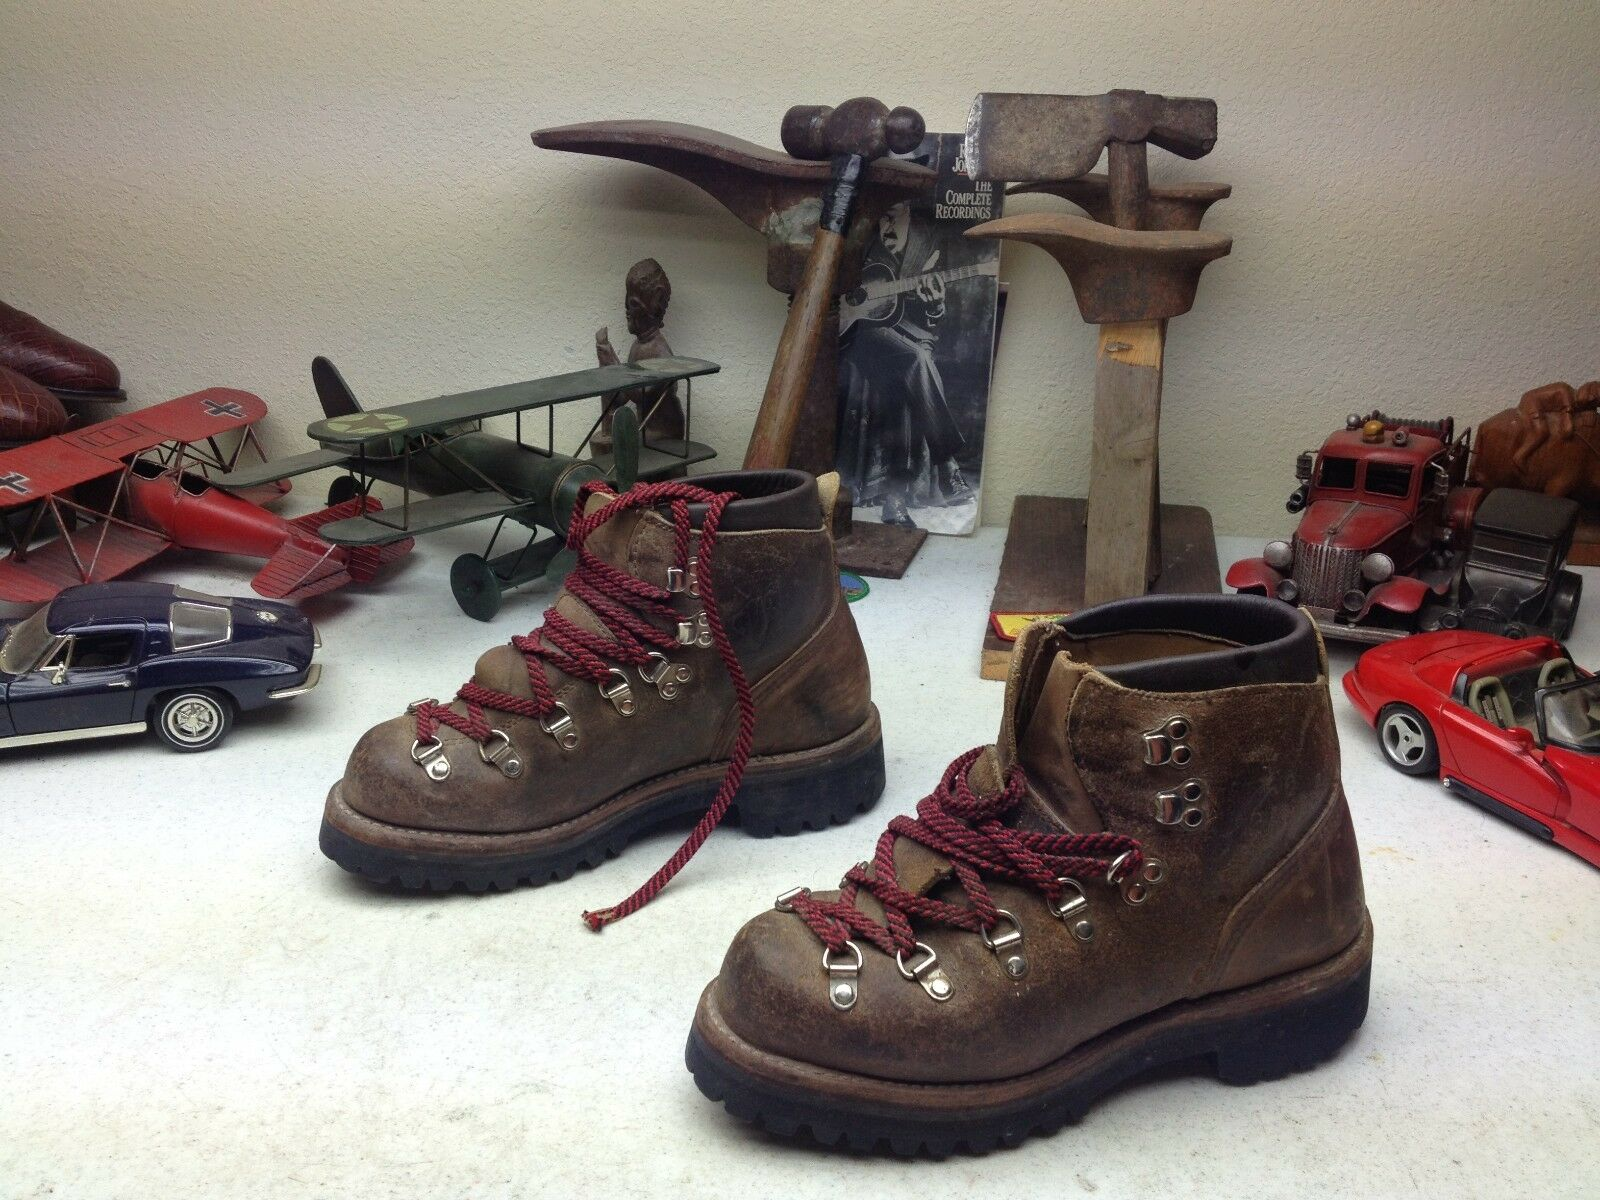 Vasque Vasque Vasque Vintage Usa Marrón Envejecido Cuero Con Cordones botas para excursionista alpinista 4 M  venderse como panqueques